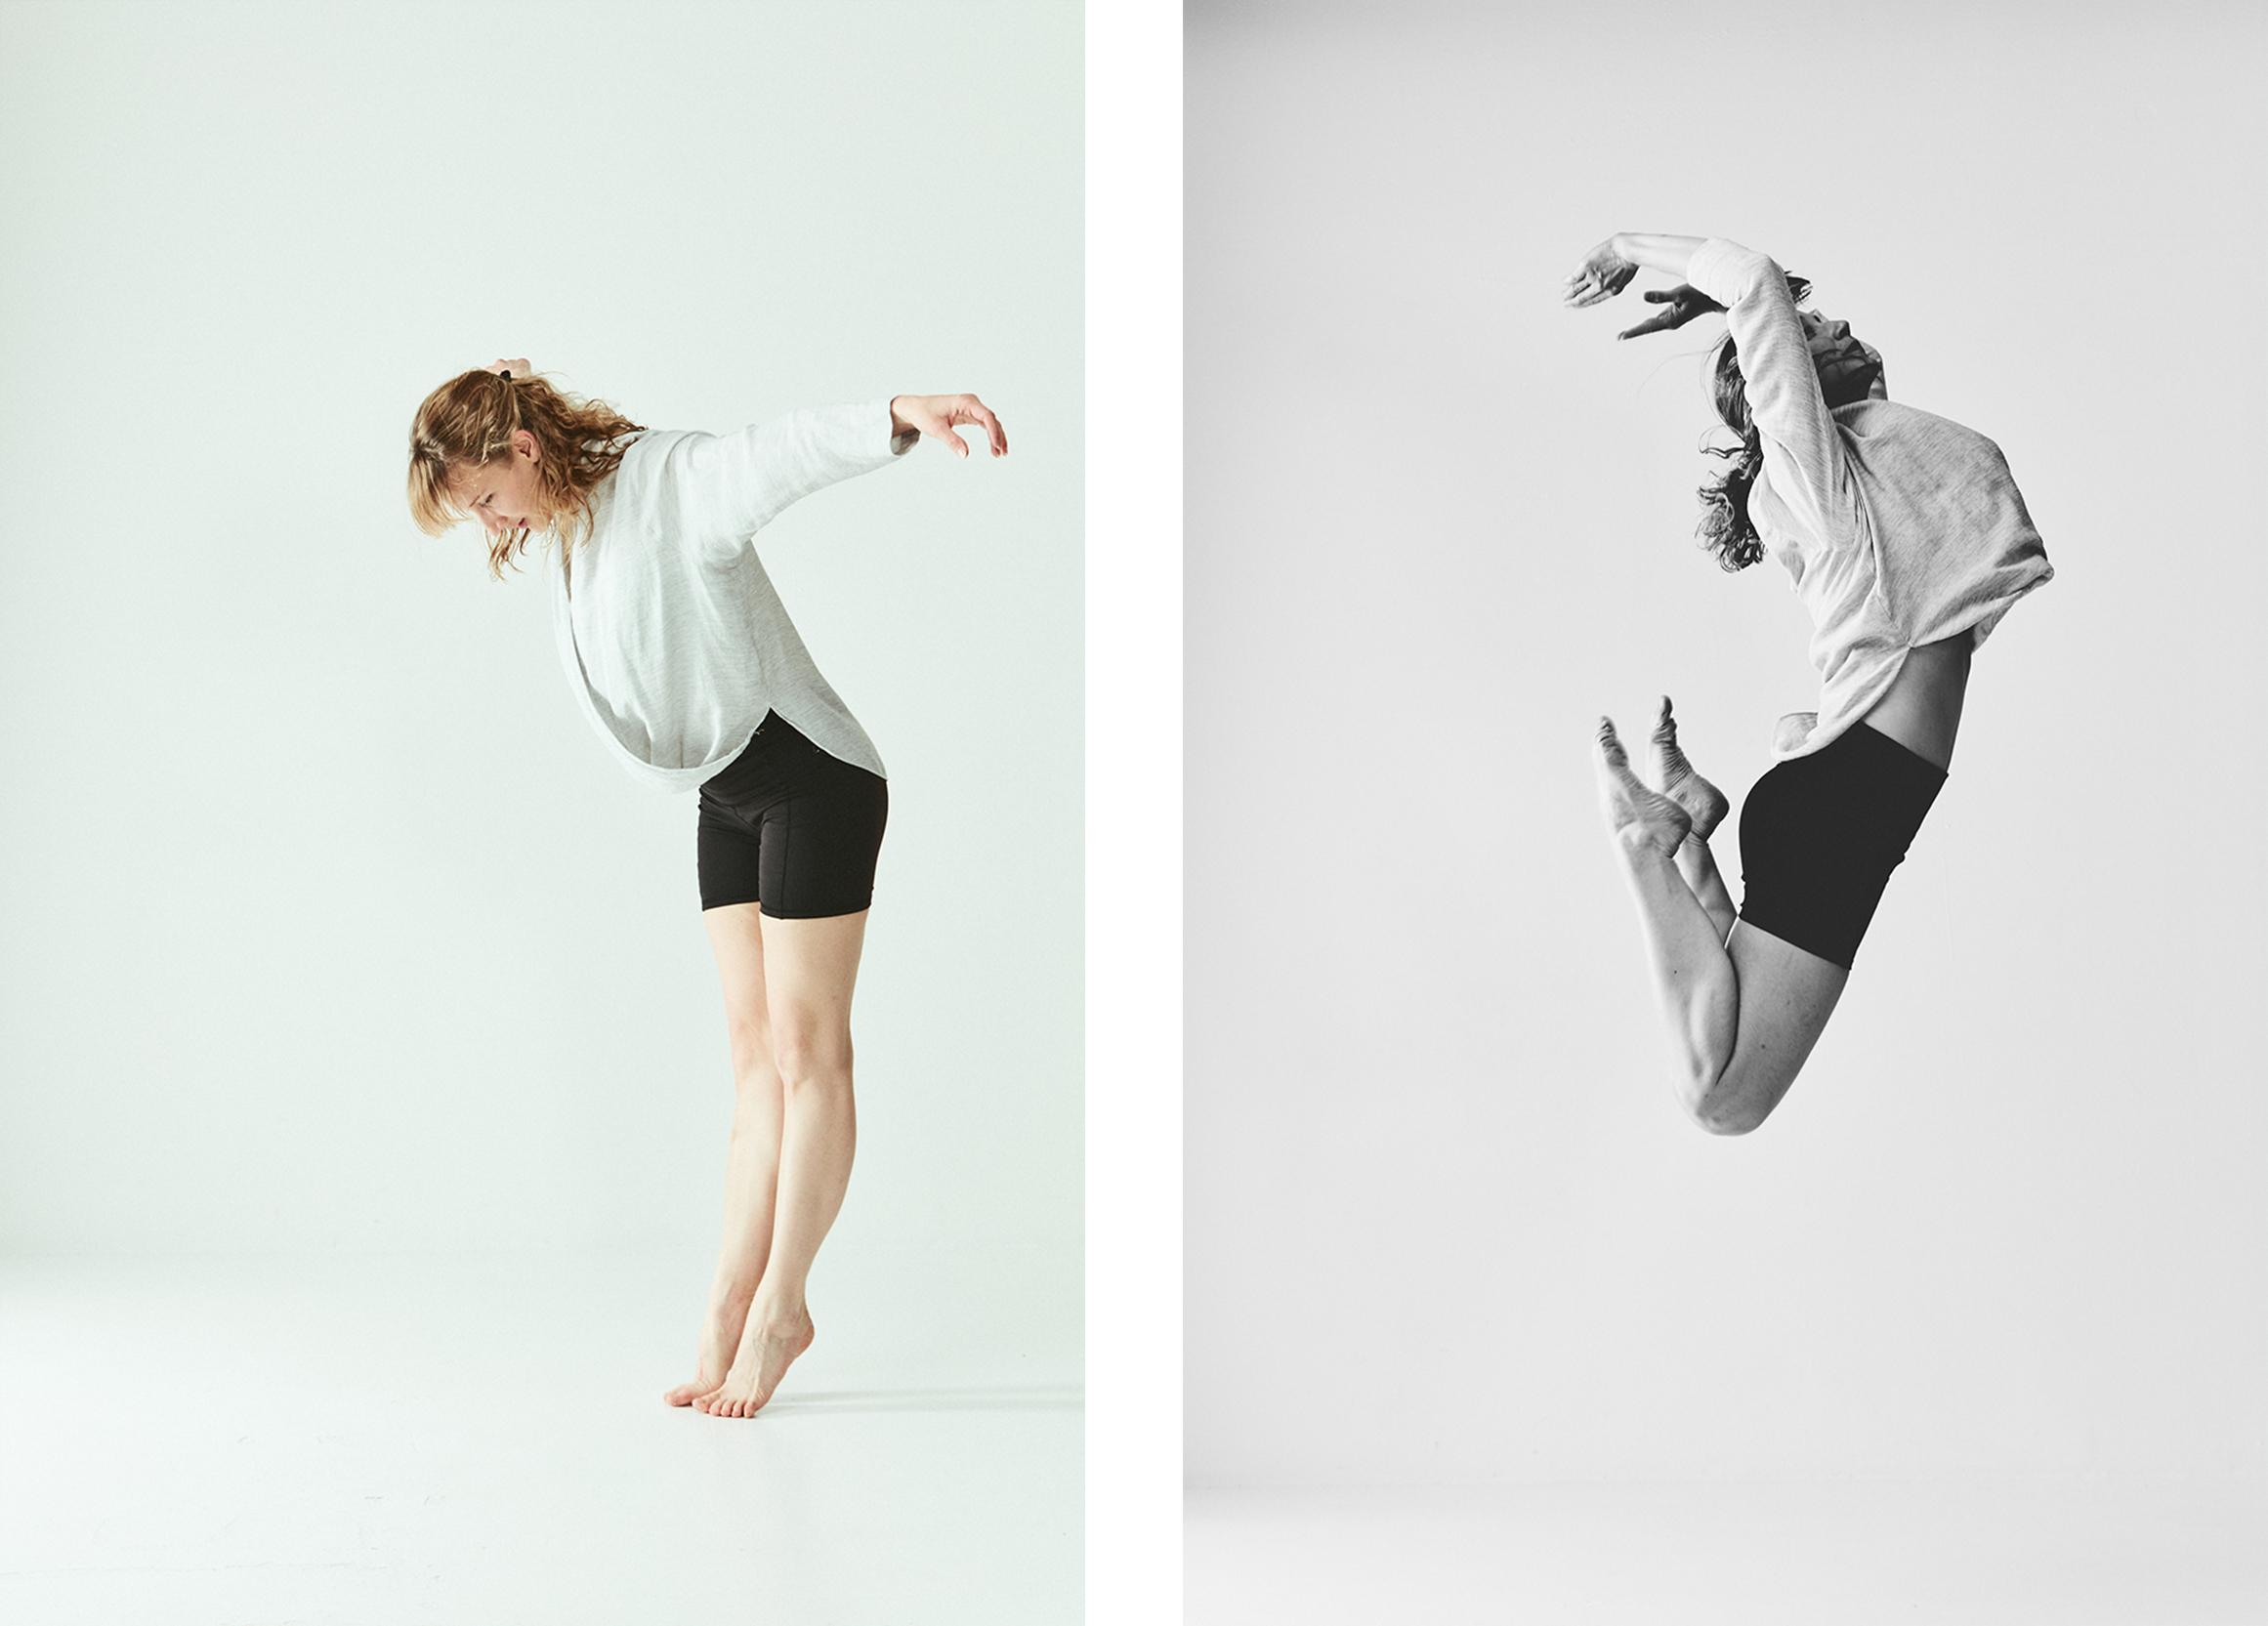 JLP_dancers_0012.jpg